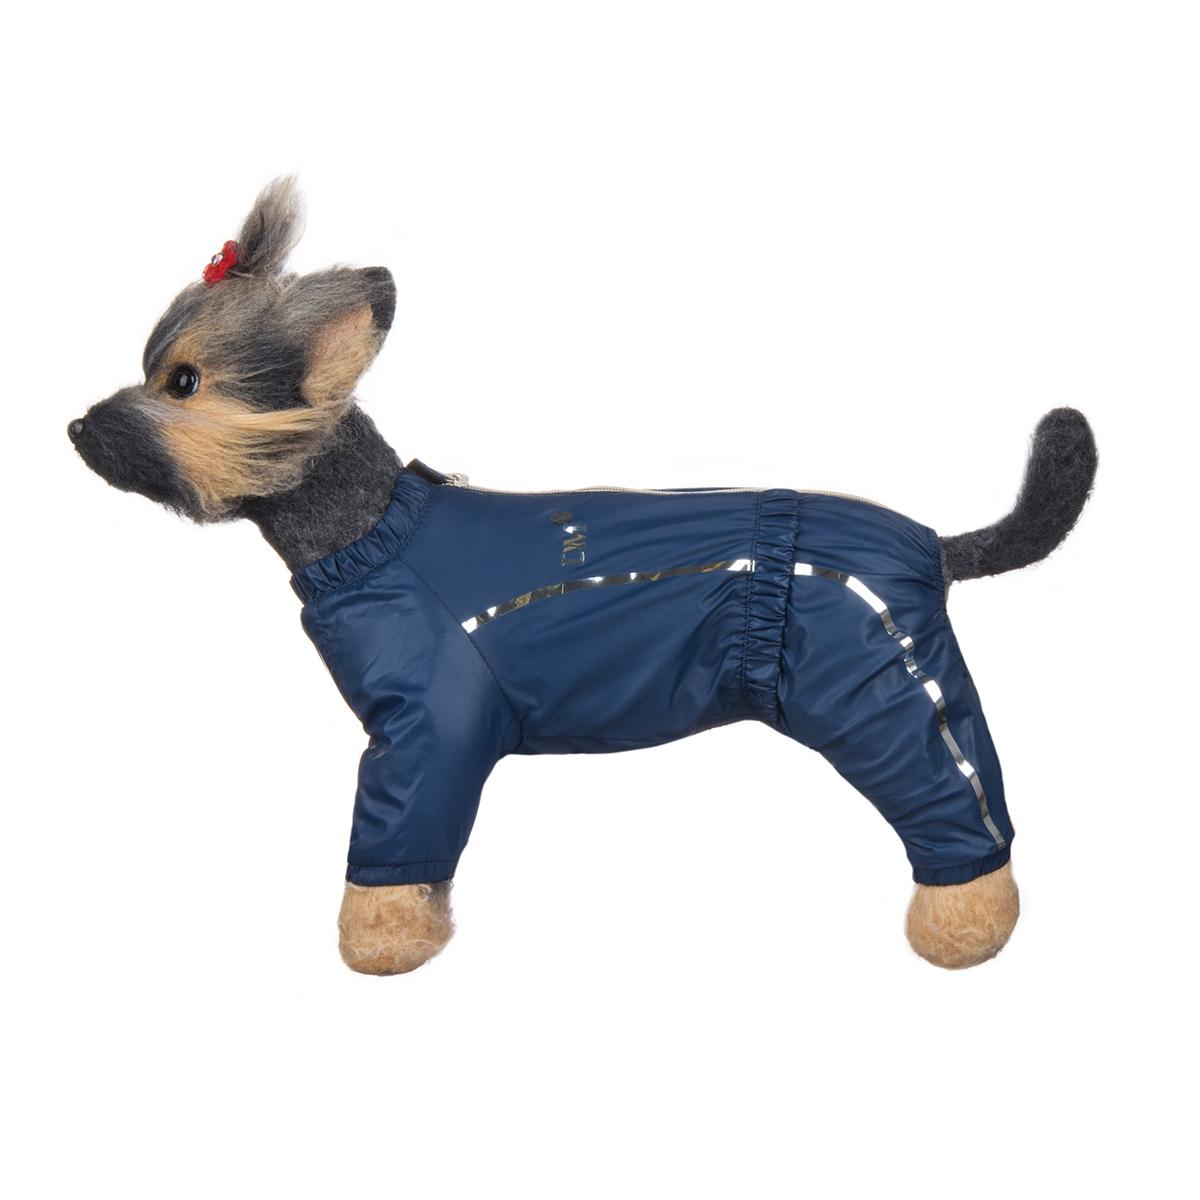 Комбинезон для собак Dogmoda Альпы, для мальчика, цвет: синий. Размер 1 (S). DM-160103DM-160103-1_синийКомбинезон для собак Dogmoda Альпы отлично подойдет для прогулок поздней осенью или ранней весной. Комбинезон изготовлен из полиэстера, защищающего от ветра и осадков, с подкладкой из вискозы и полиэстера, которая сохранит тепло и обеспечит отличный воздухообмен. Комбинезон застегивается на молнию и липучку, благодаря чему его легко надевать и снимать. Ворот, низ рукавов и брючин оснащены внутренними резинками, которые мягко обхватывают шею и лапки, не позволяя просачиваться холодному воздуху. На пояснице имеется внутренняя резинка. Изделие декорировано золотистыми полосками и надписью DM.Благодаря такому комбинезону простуда не грозит вашему питомцу и он не даст любимцу продрогнуть на прогулке.Длина по спинке: 20 см.Объем груди: 33 см.Обхват шеи: 21 см.Одежда для собак: нужна ли она и как её выбрать. Статья OZON Гид